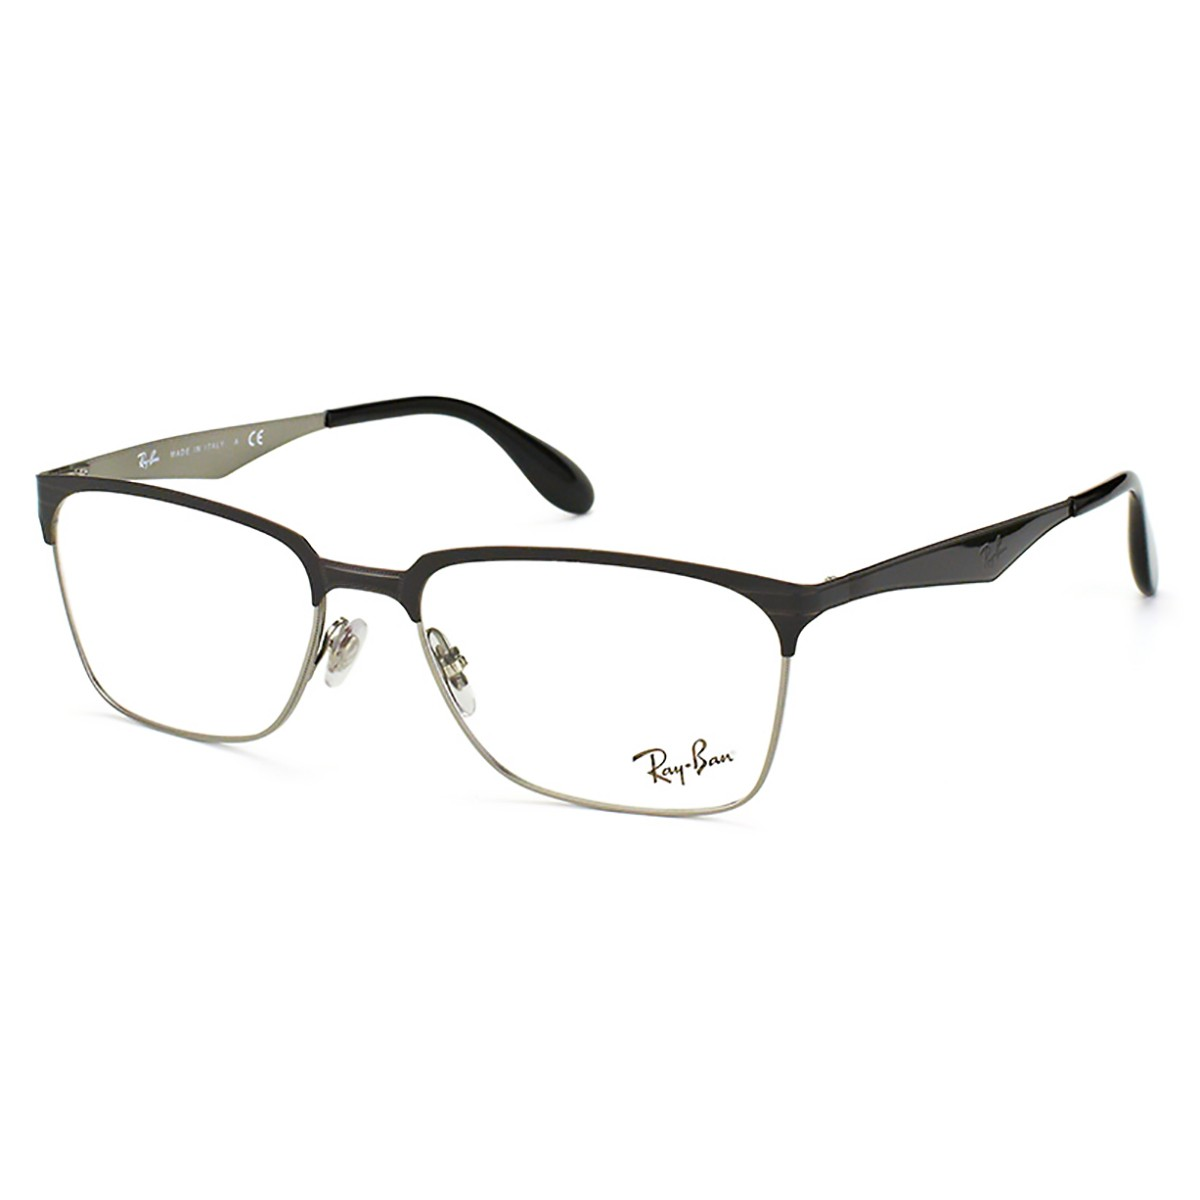 96a548927c94c Compre Óculos de Grau Ray Ban em 10X